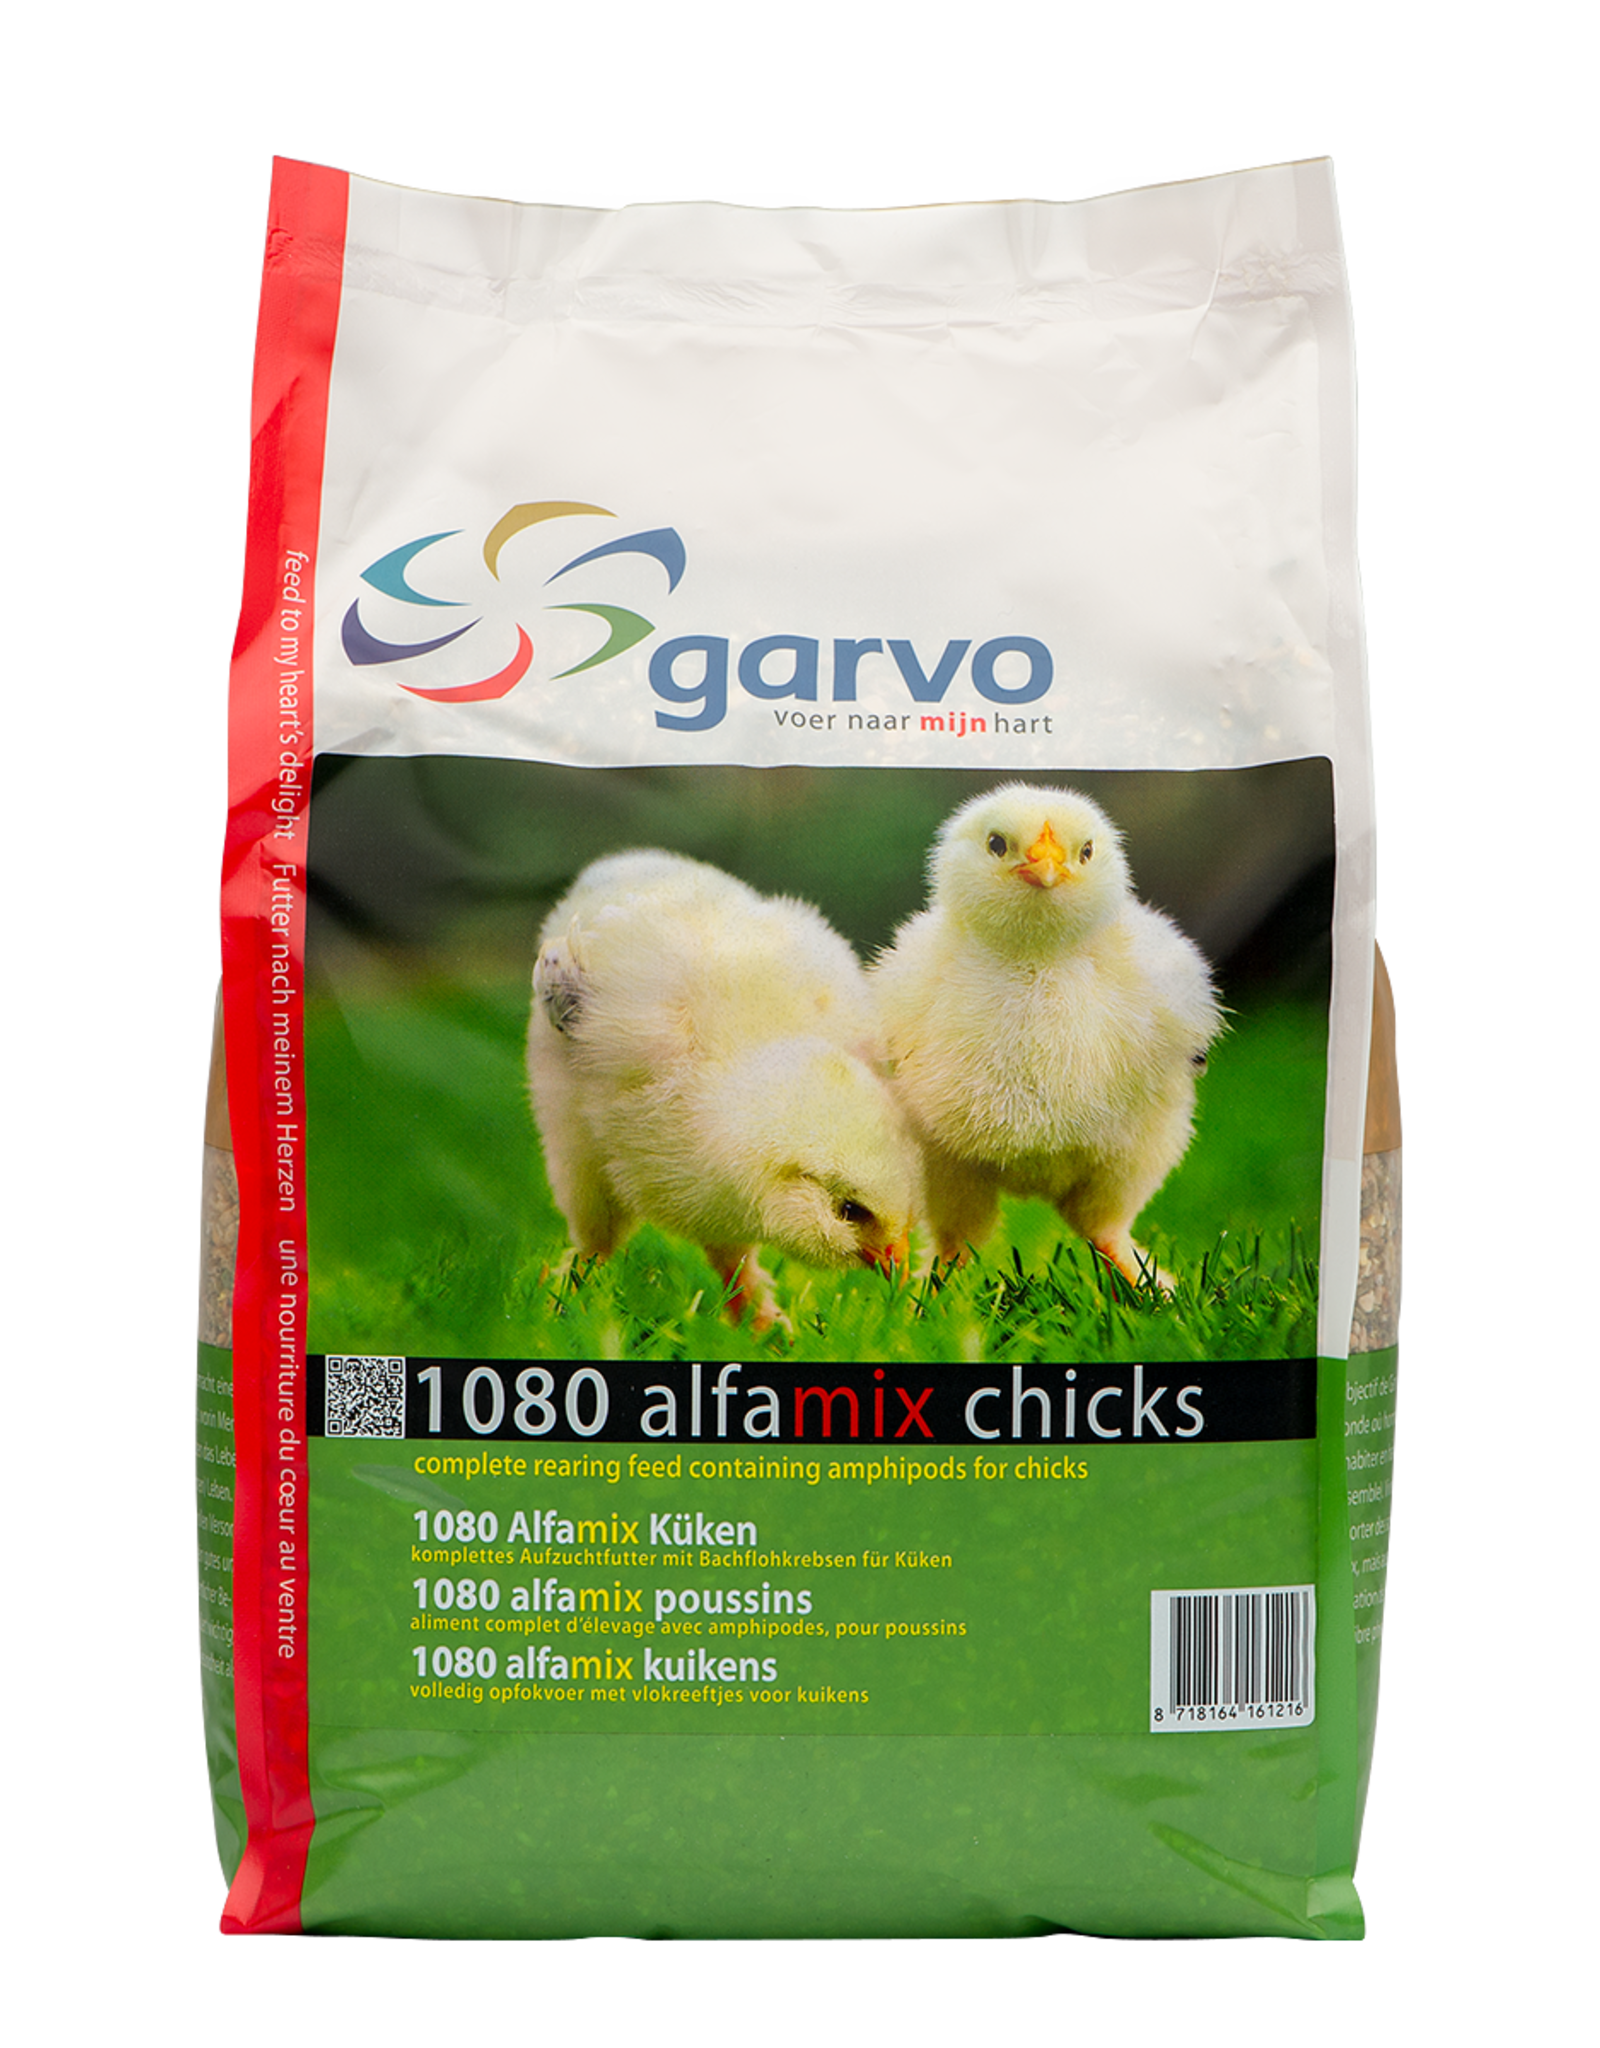 Garvo Alfamix kuiken - 4 KG